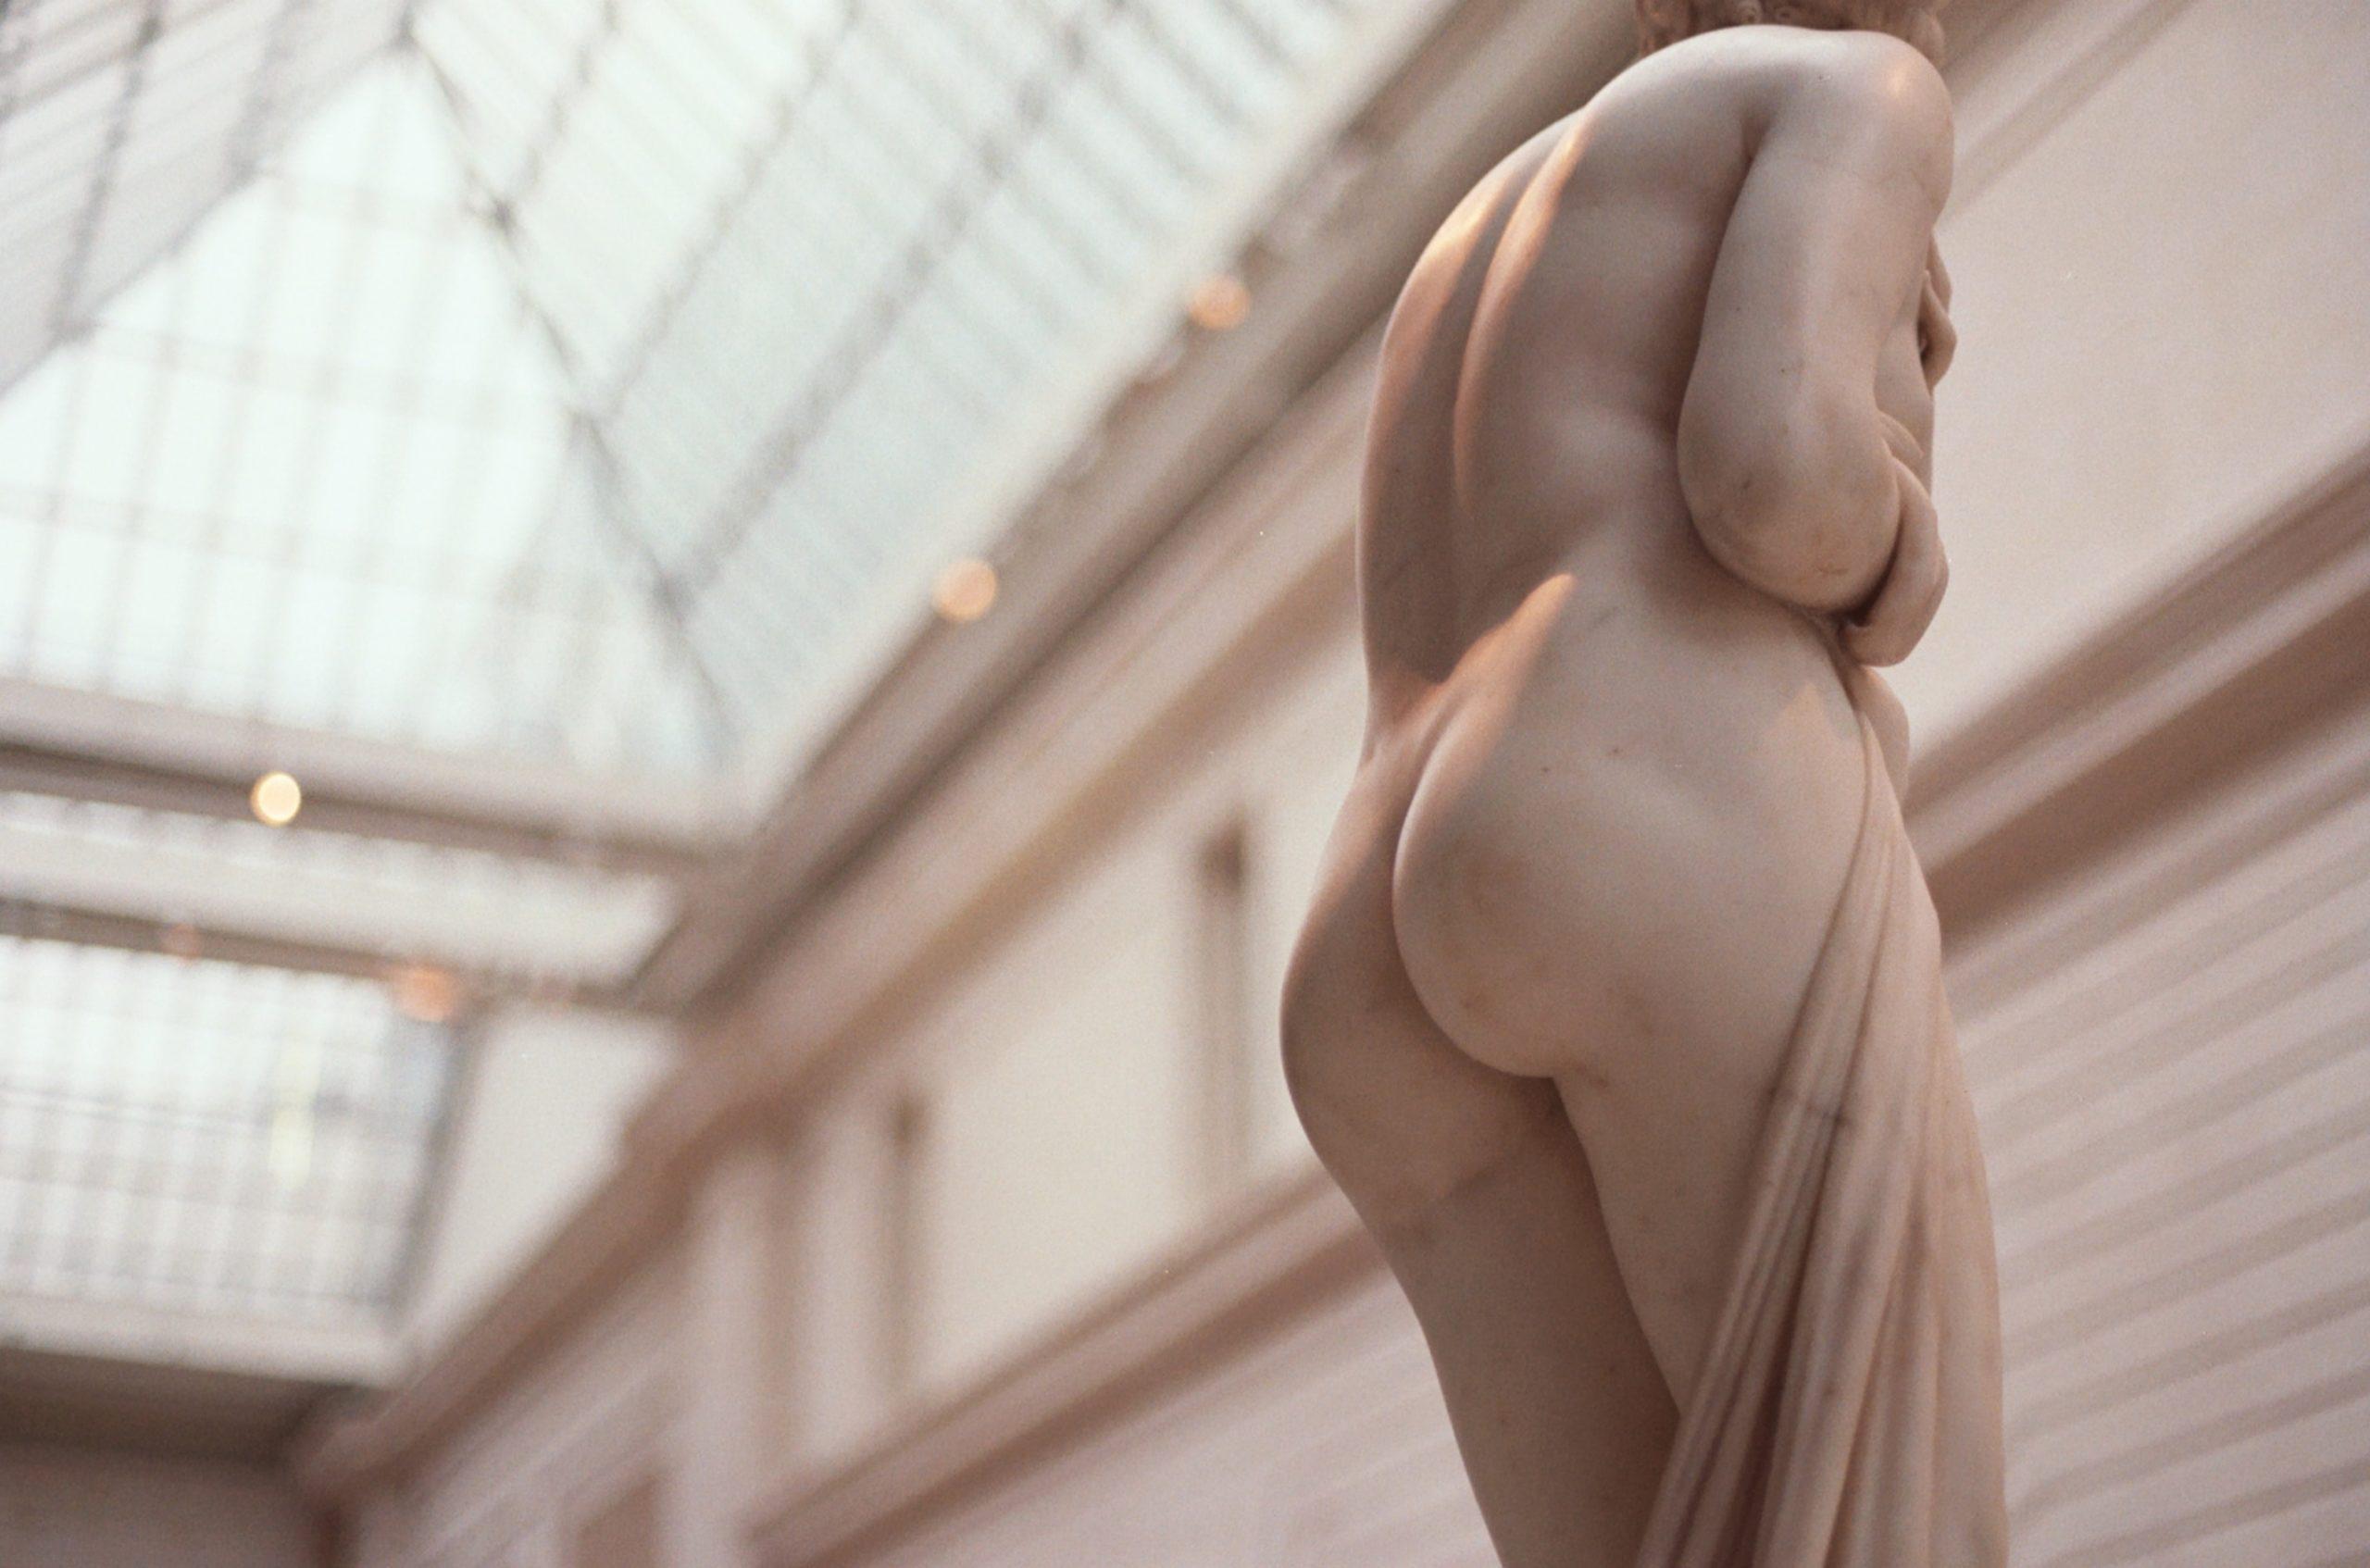 Γυμνό άγαλμα